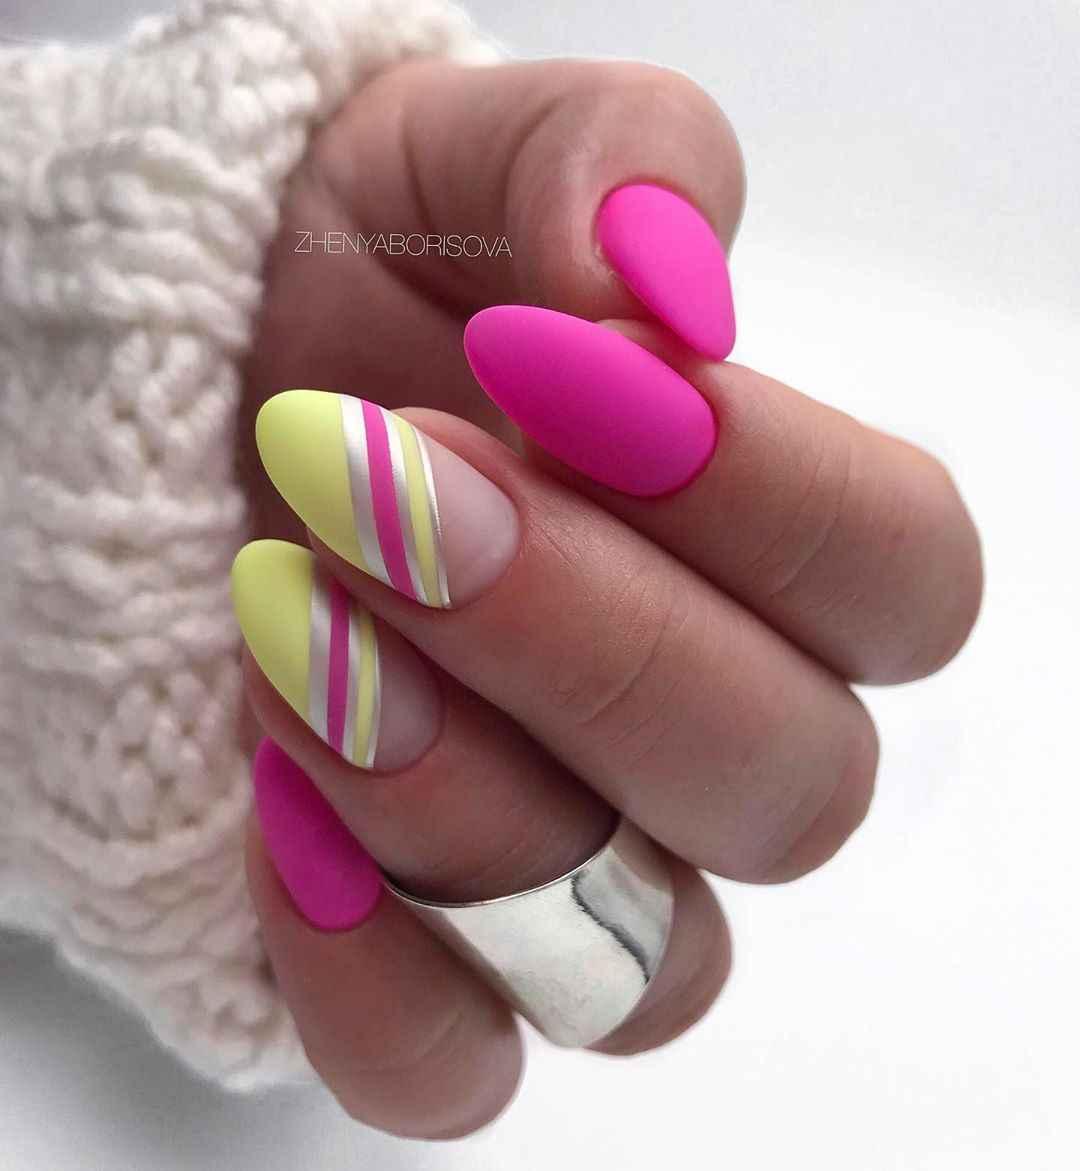 Необычный френч на ногтях фото_14